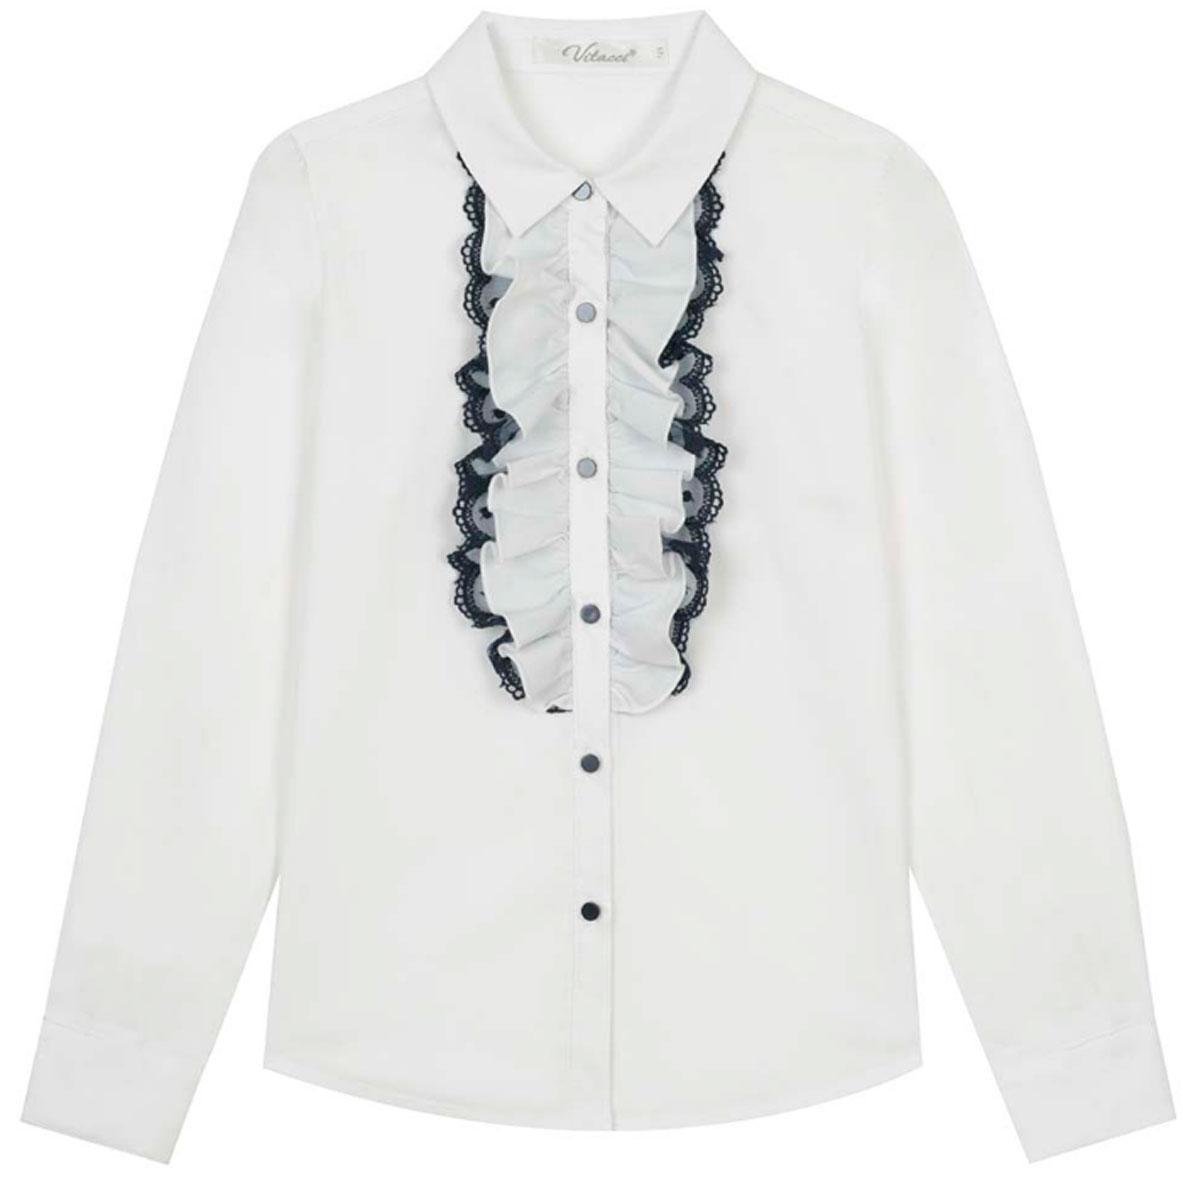 Блузка для девочки Vitacci, цвет: белый. 2173217-01. Размер 1462173217-01Школьная блузка для девочки от Vitacci выполнена из хлопкового материала. Модель с длинными рукавами и отложным воротничком застегивается на пуговицы. На полочке блузка декорирована жабо.